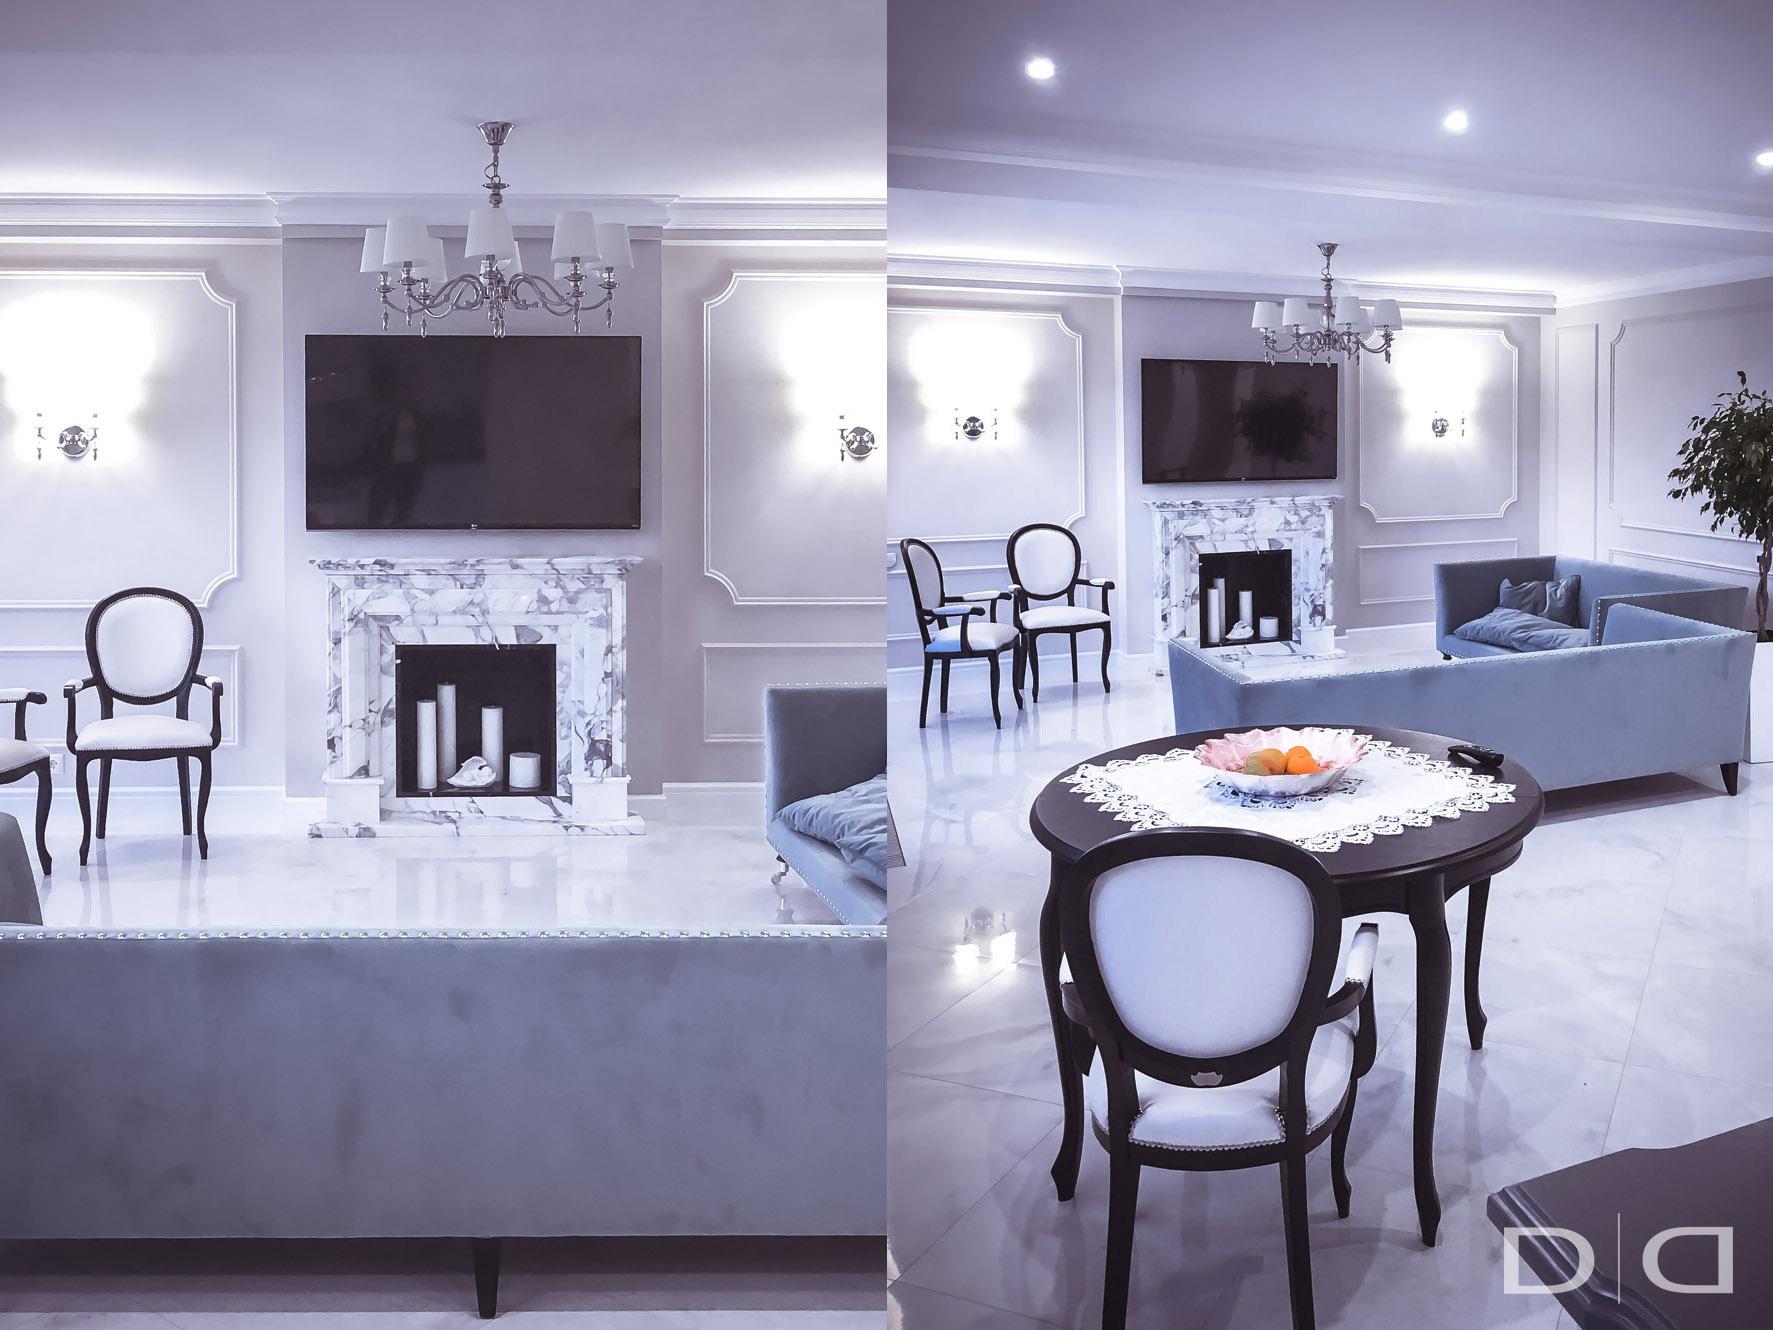 101_dd-interior_studio_design_project_minsk_009-10